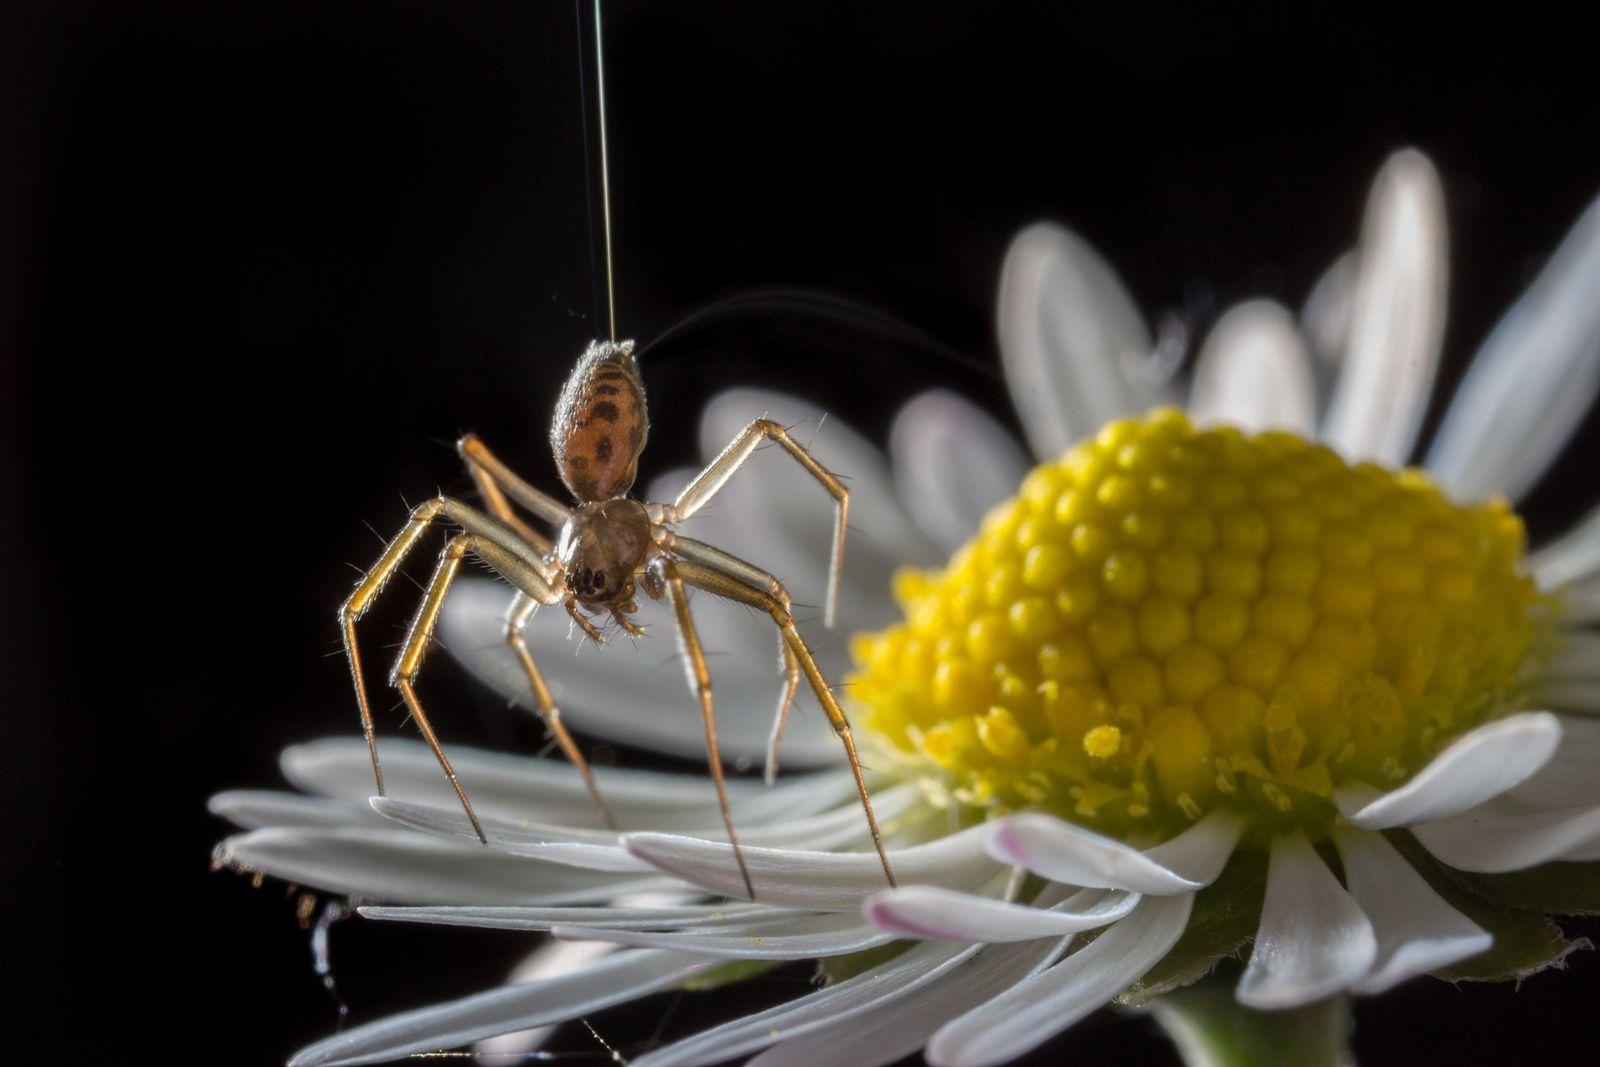 Uma aranha (Tenuiphantes sp.) anda na ponta dos pés em uma margarida. Aranhas podem ficar na ...